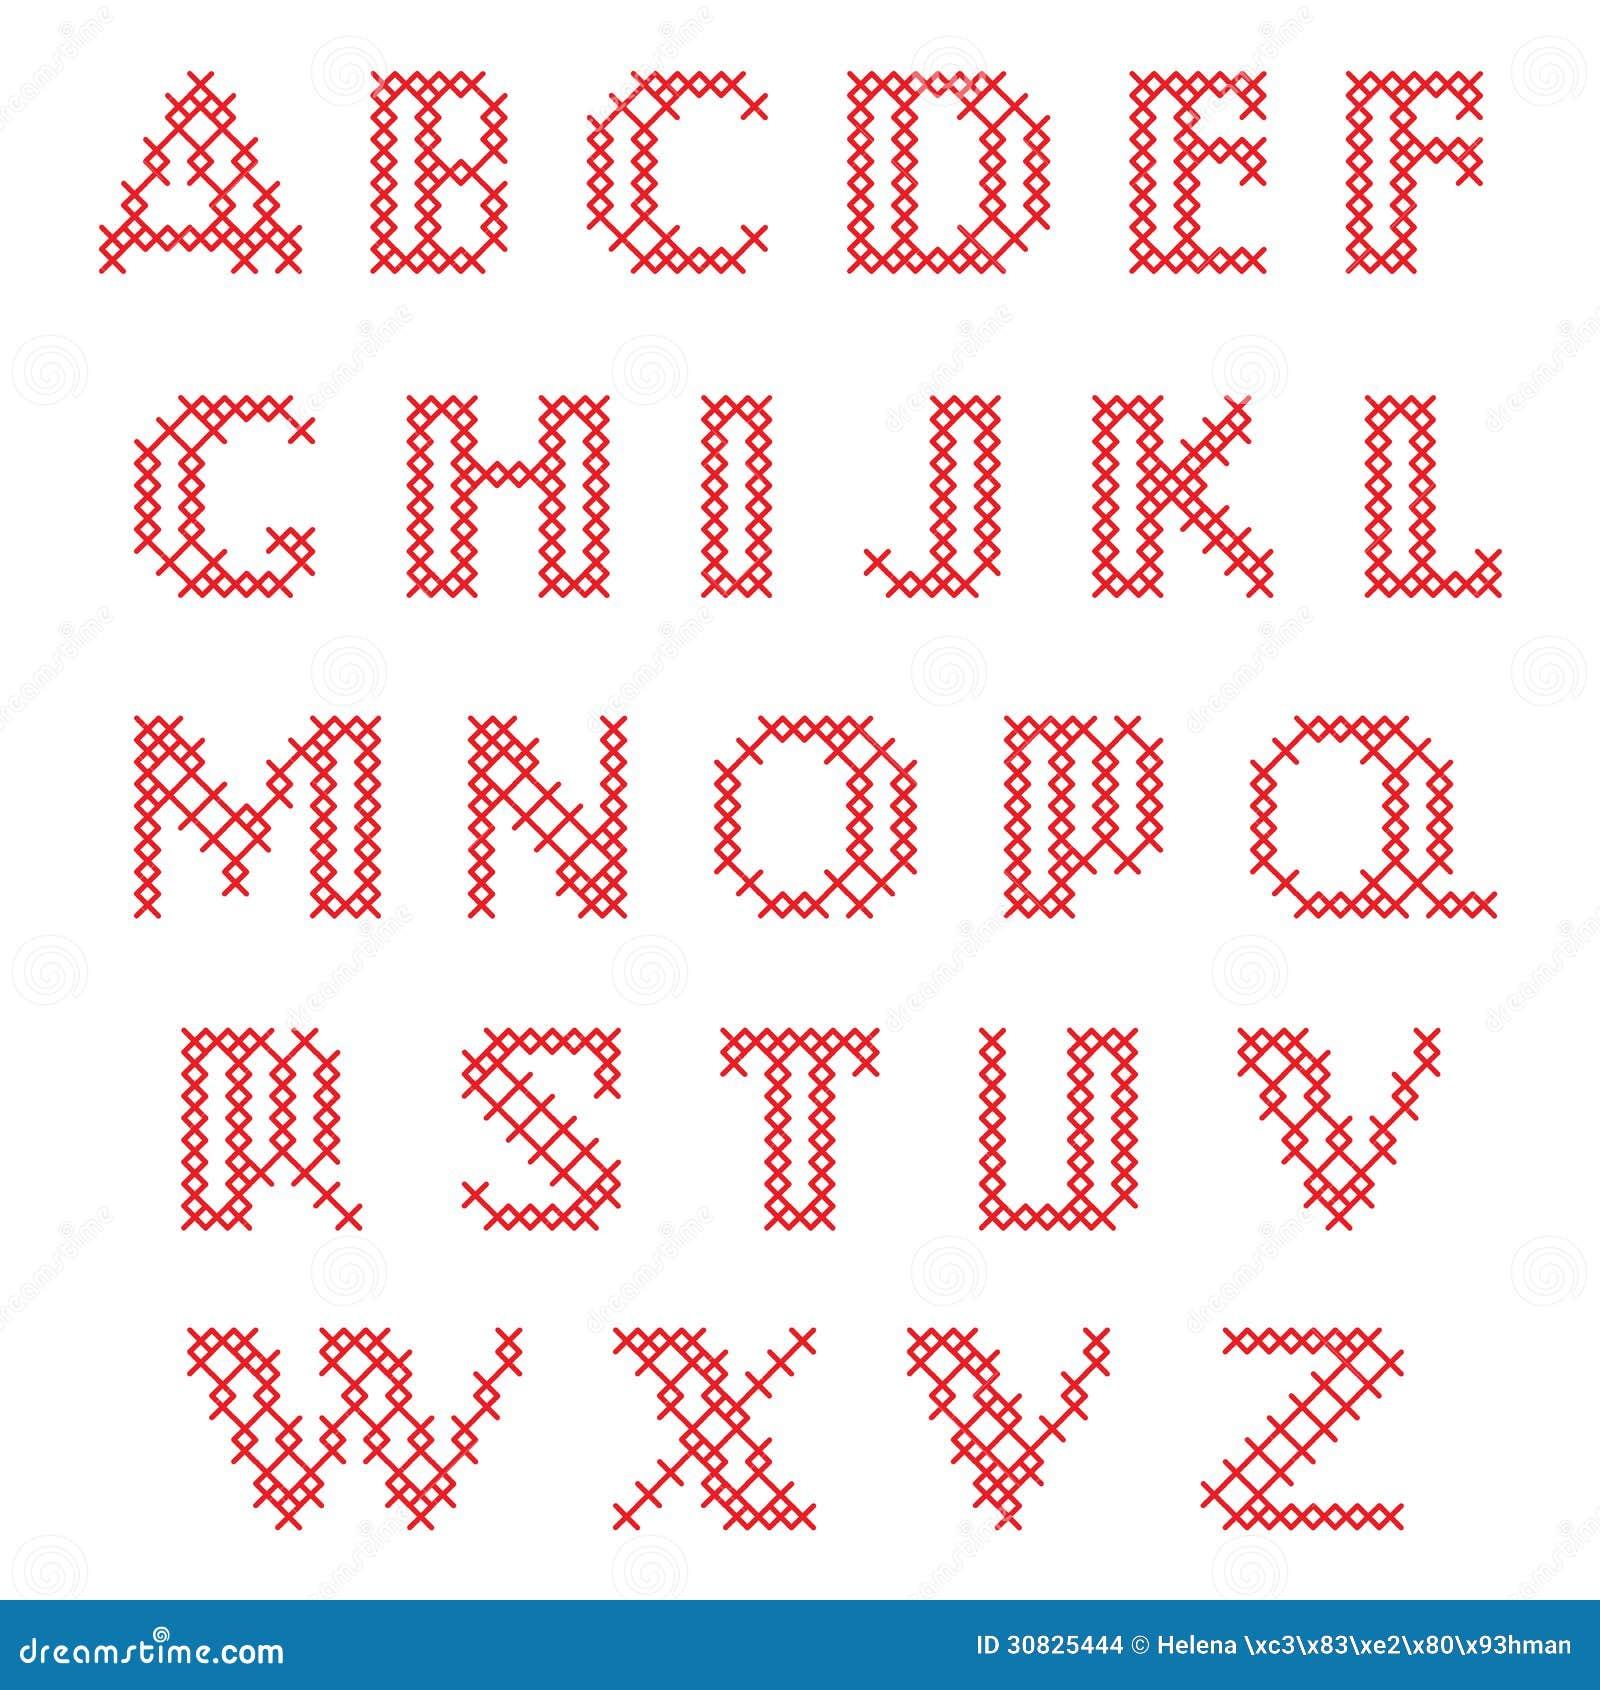 Kreuzstich alphabet vektor abbildung illustration von ober 30825444 - Vorlagen kreuzstich ...